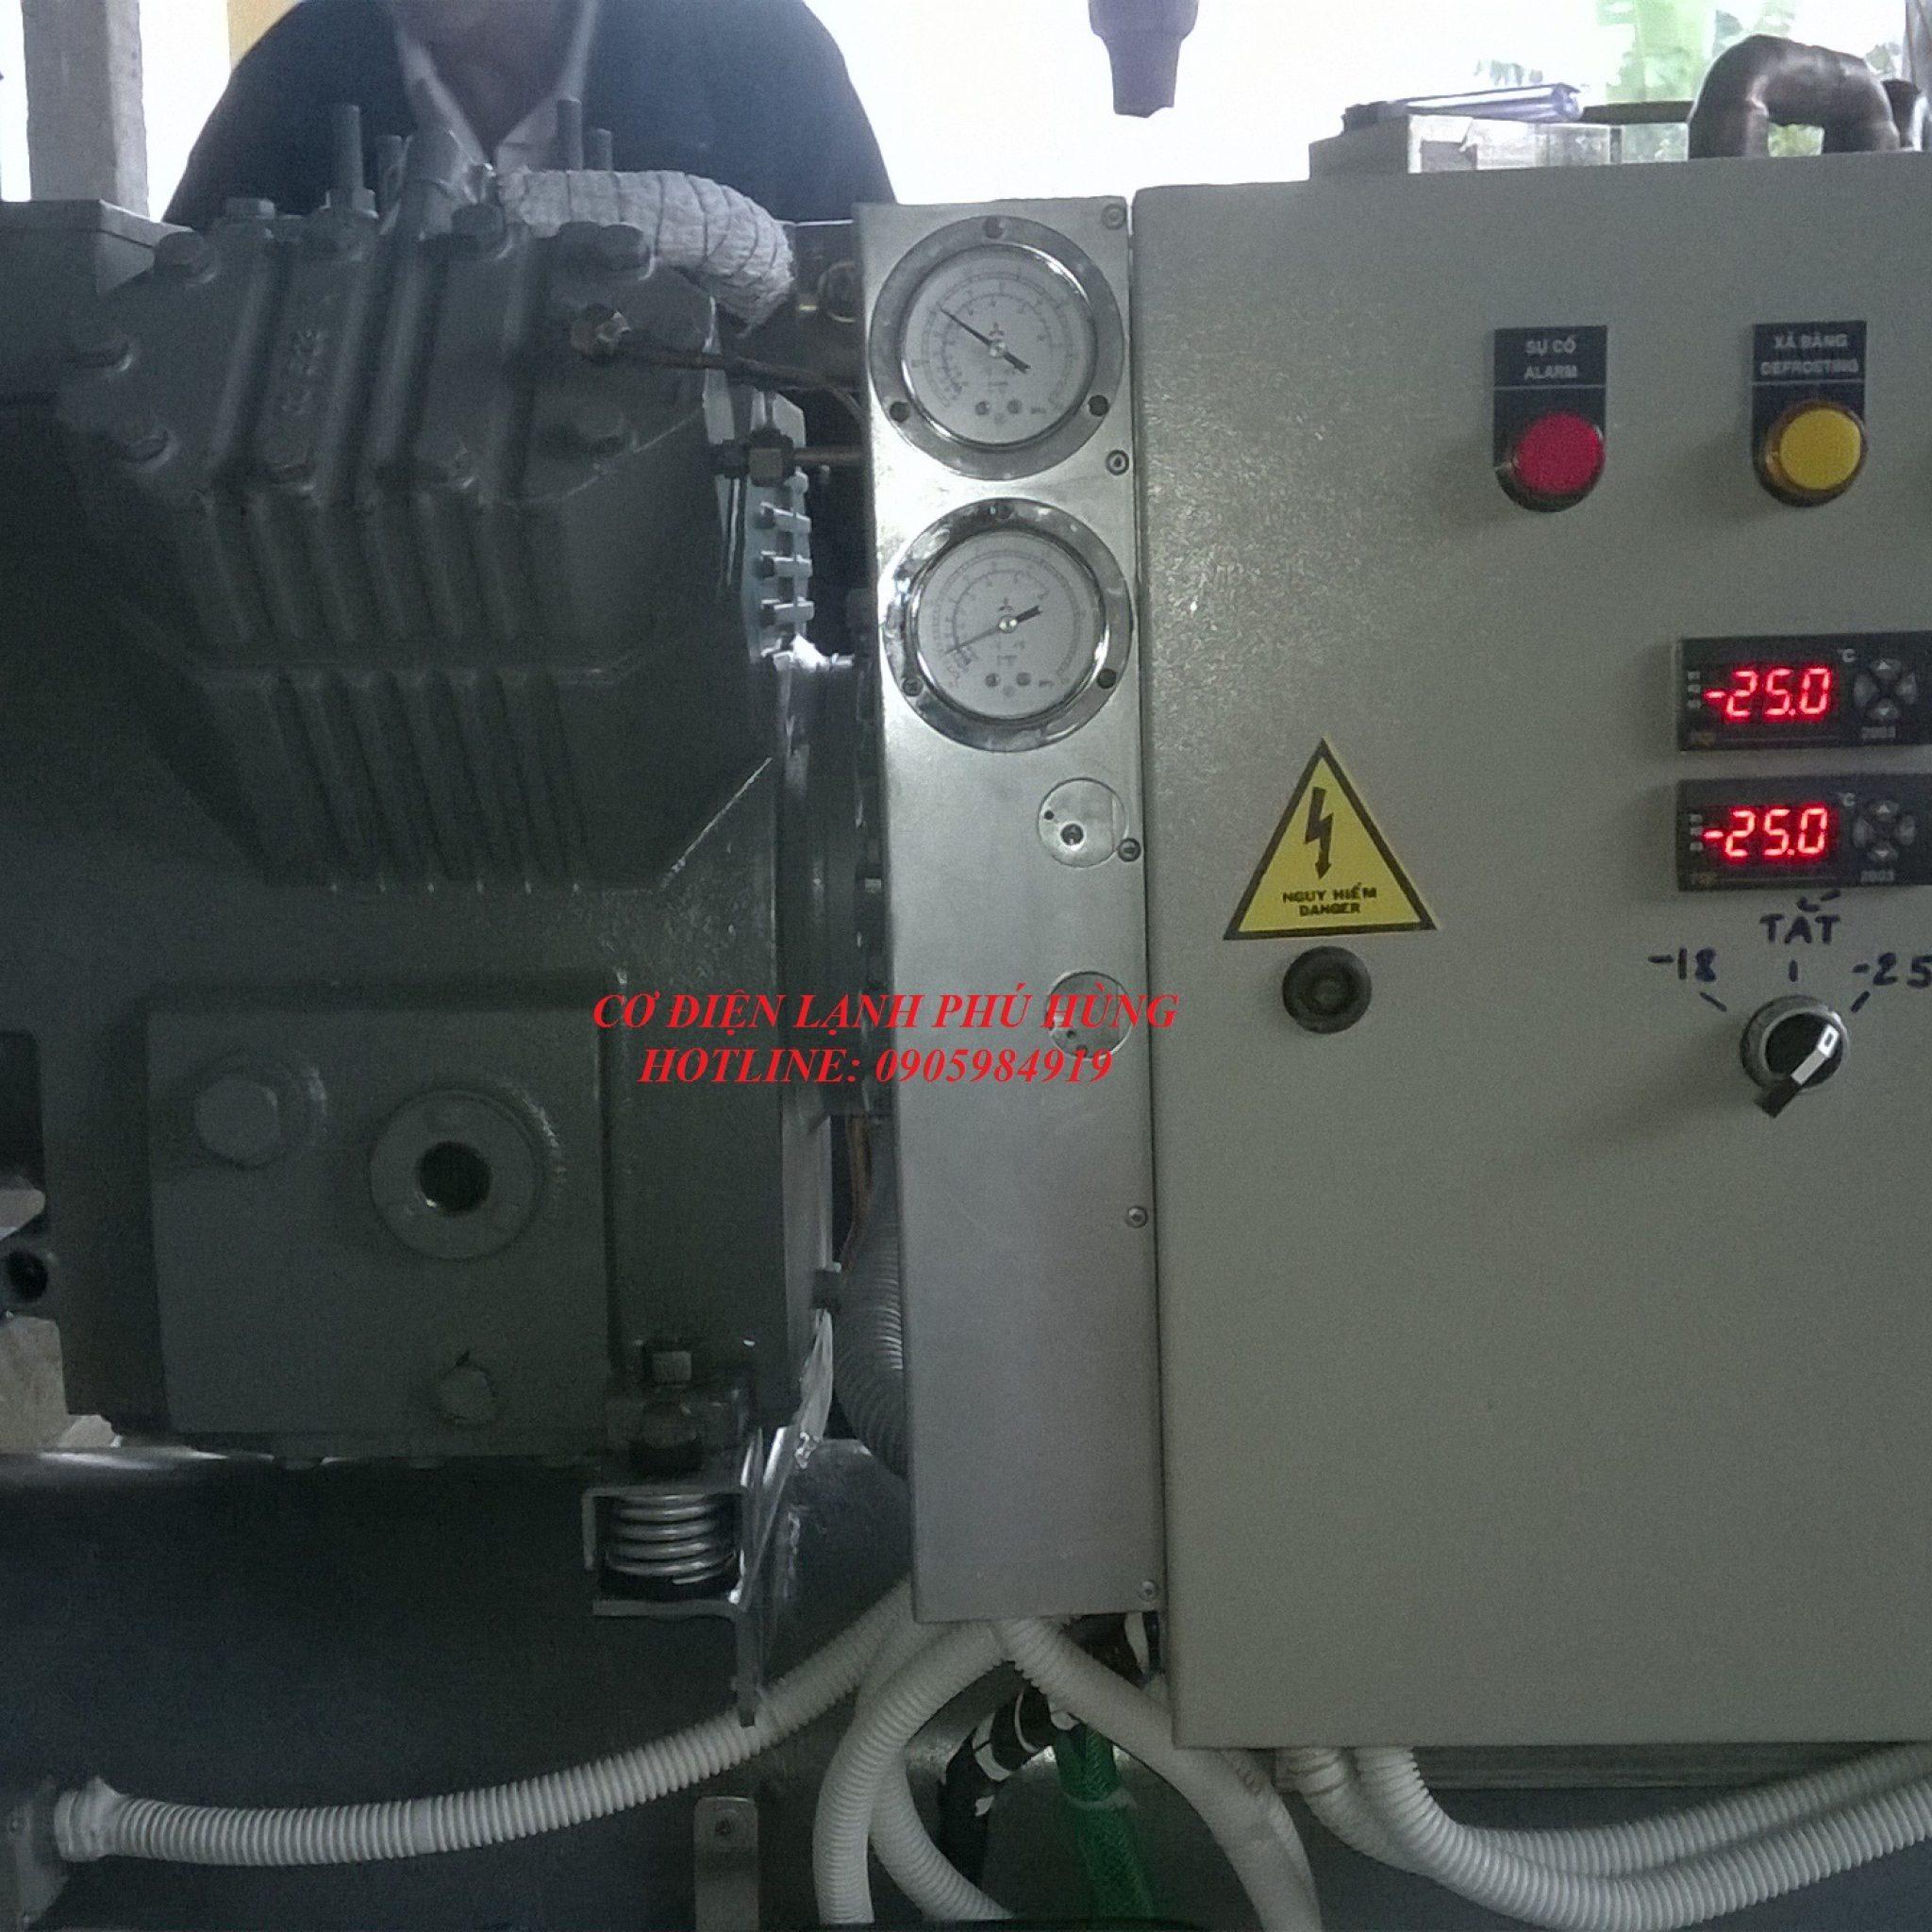 51 - Lắp Đặt kho lạnh trữ Cá Bò - Quảng Nam